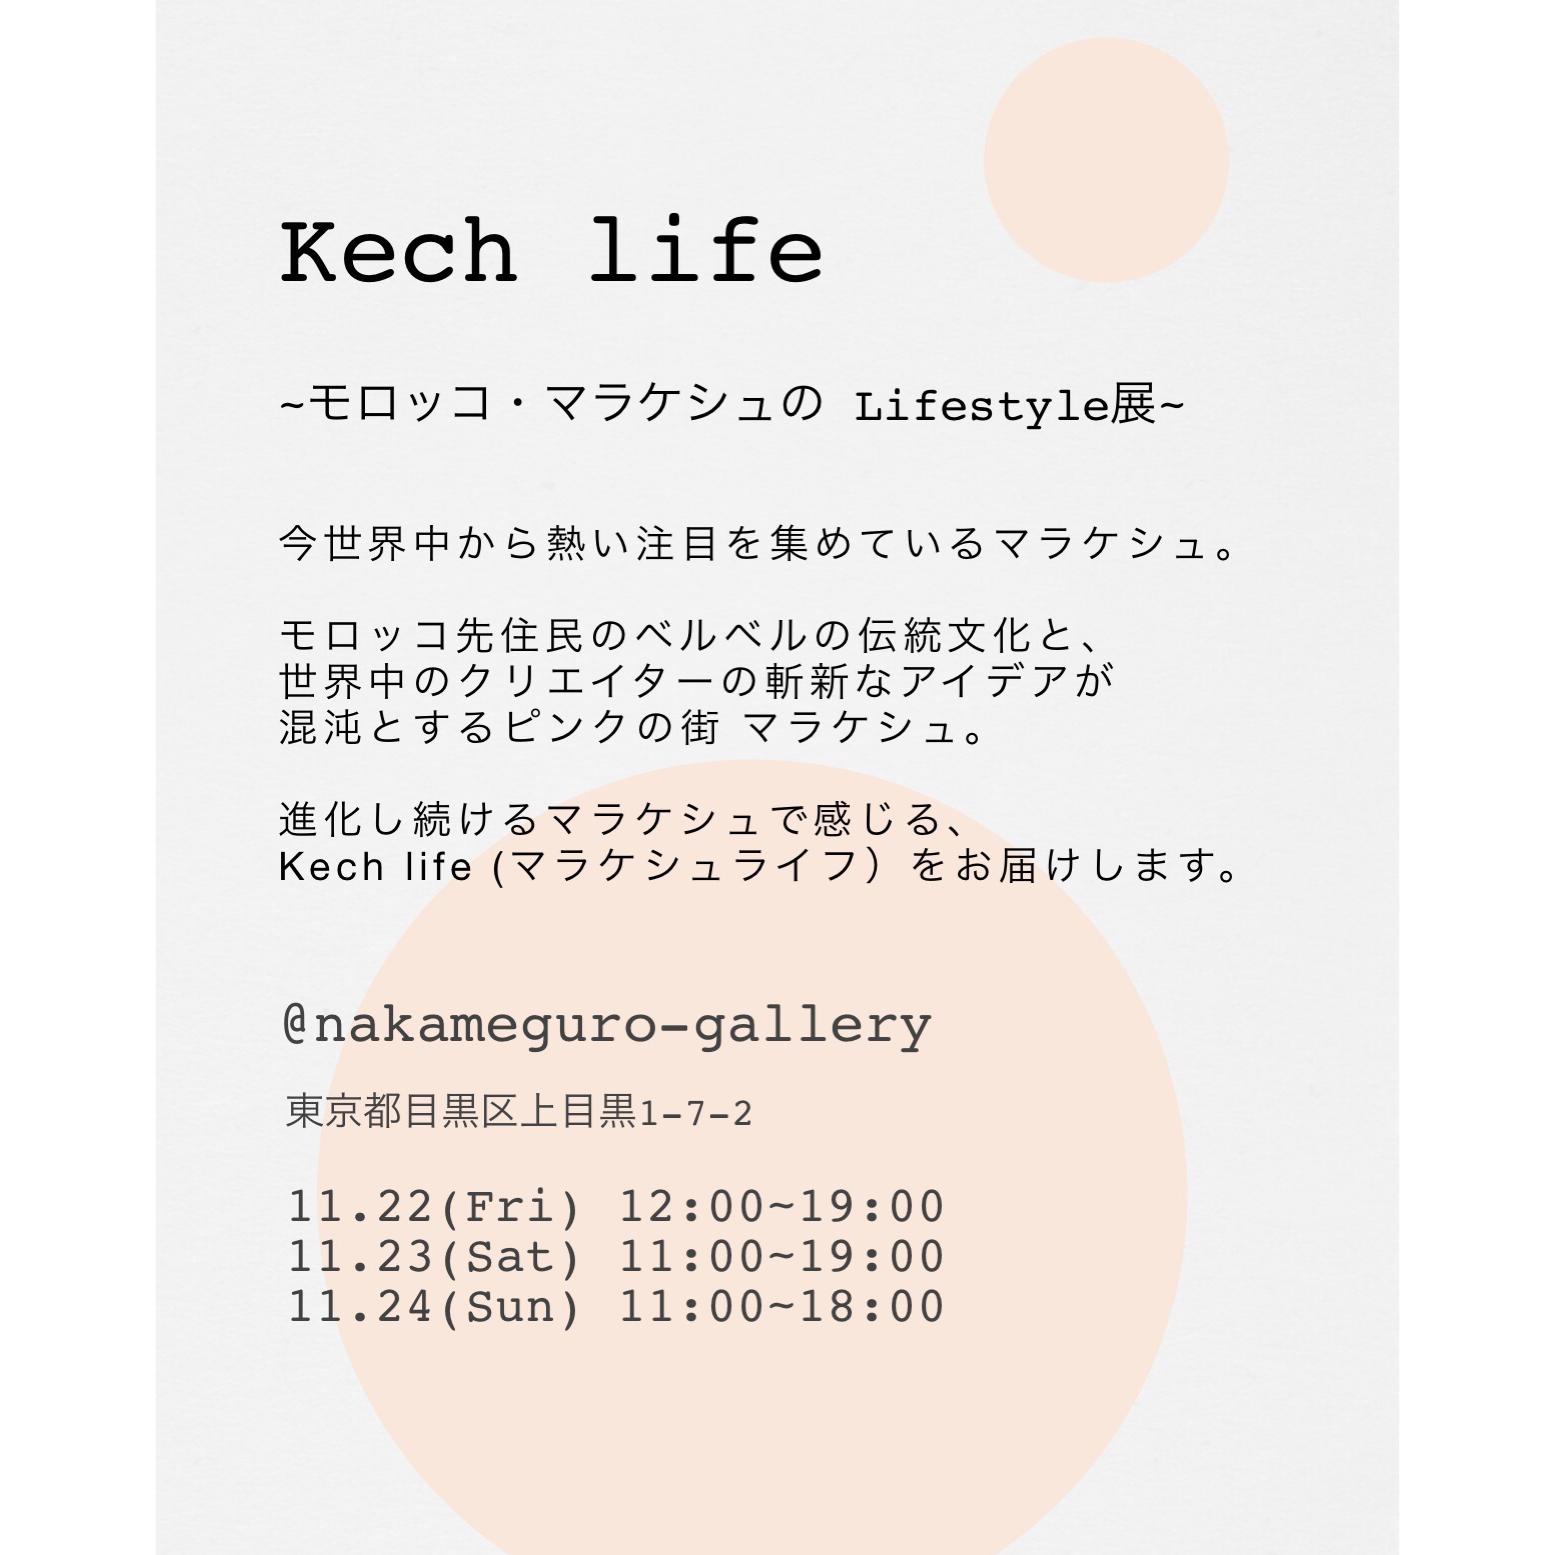 kechlife